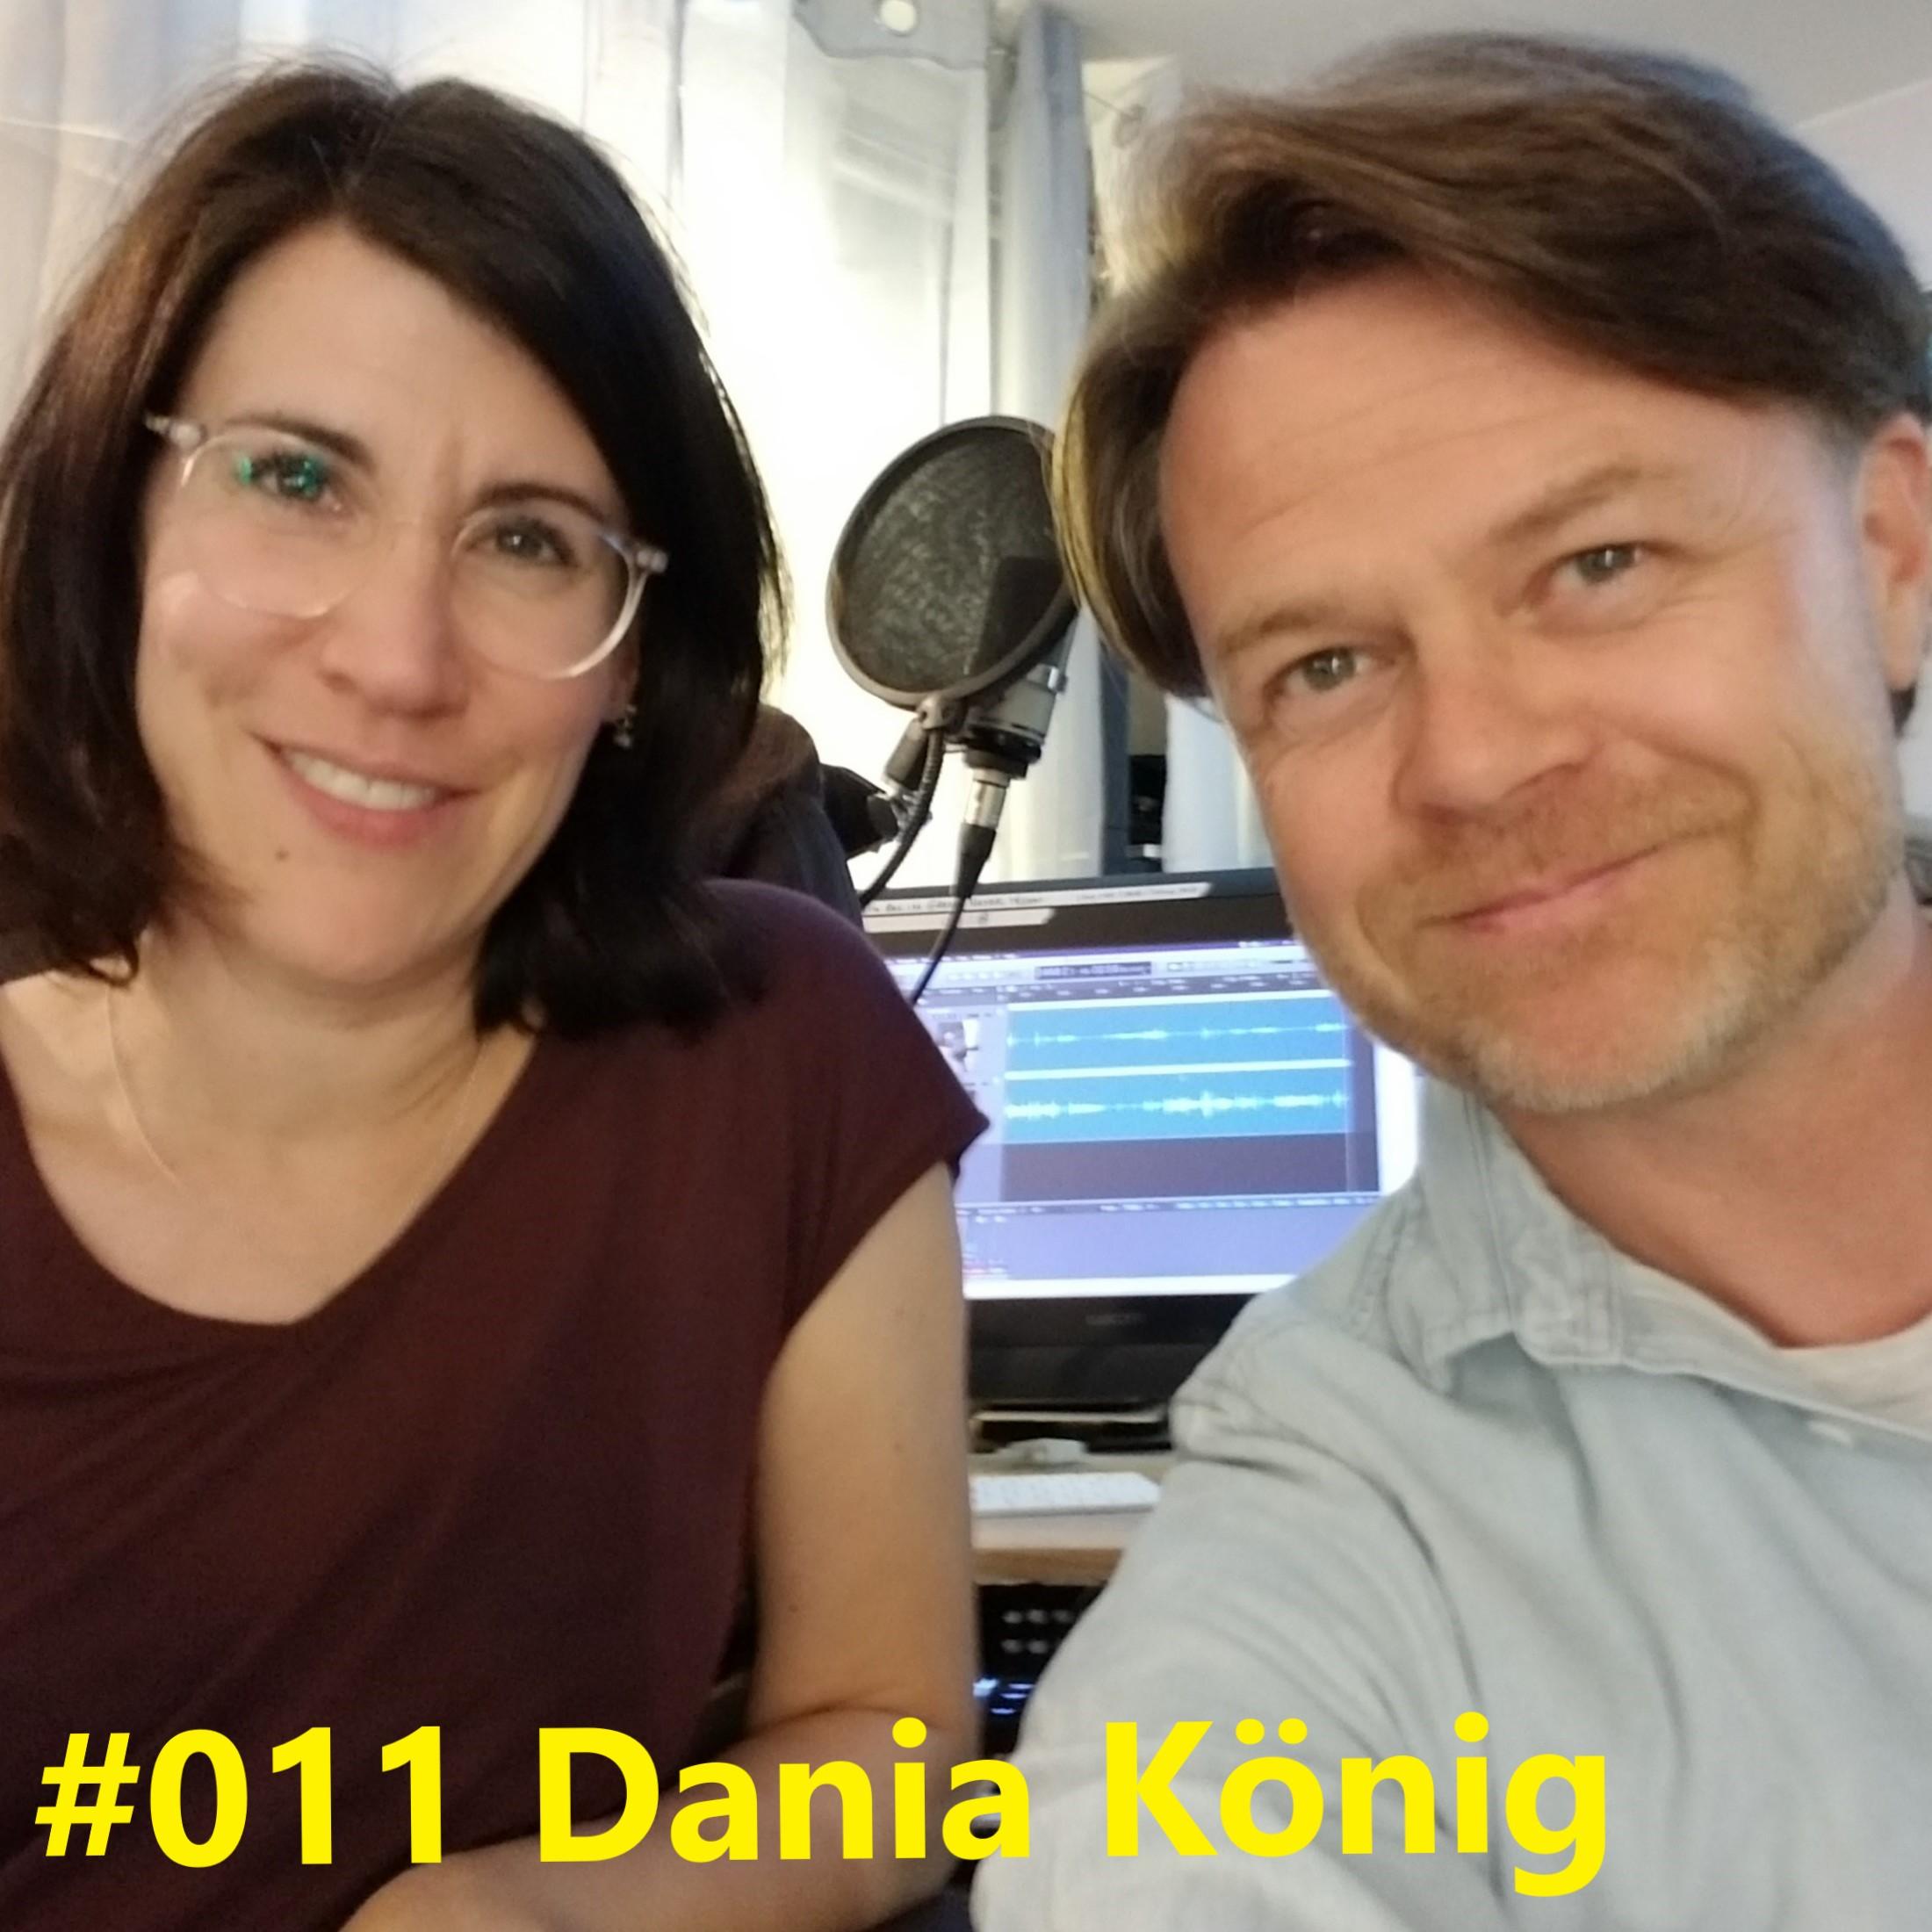 Dania König